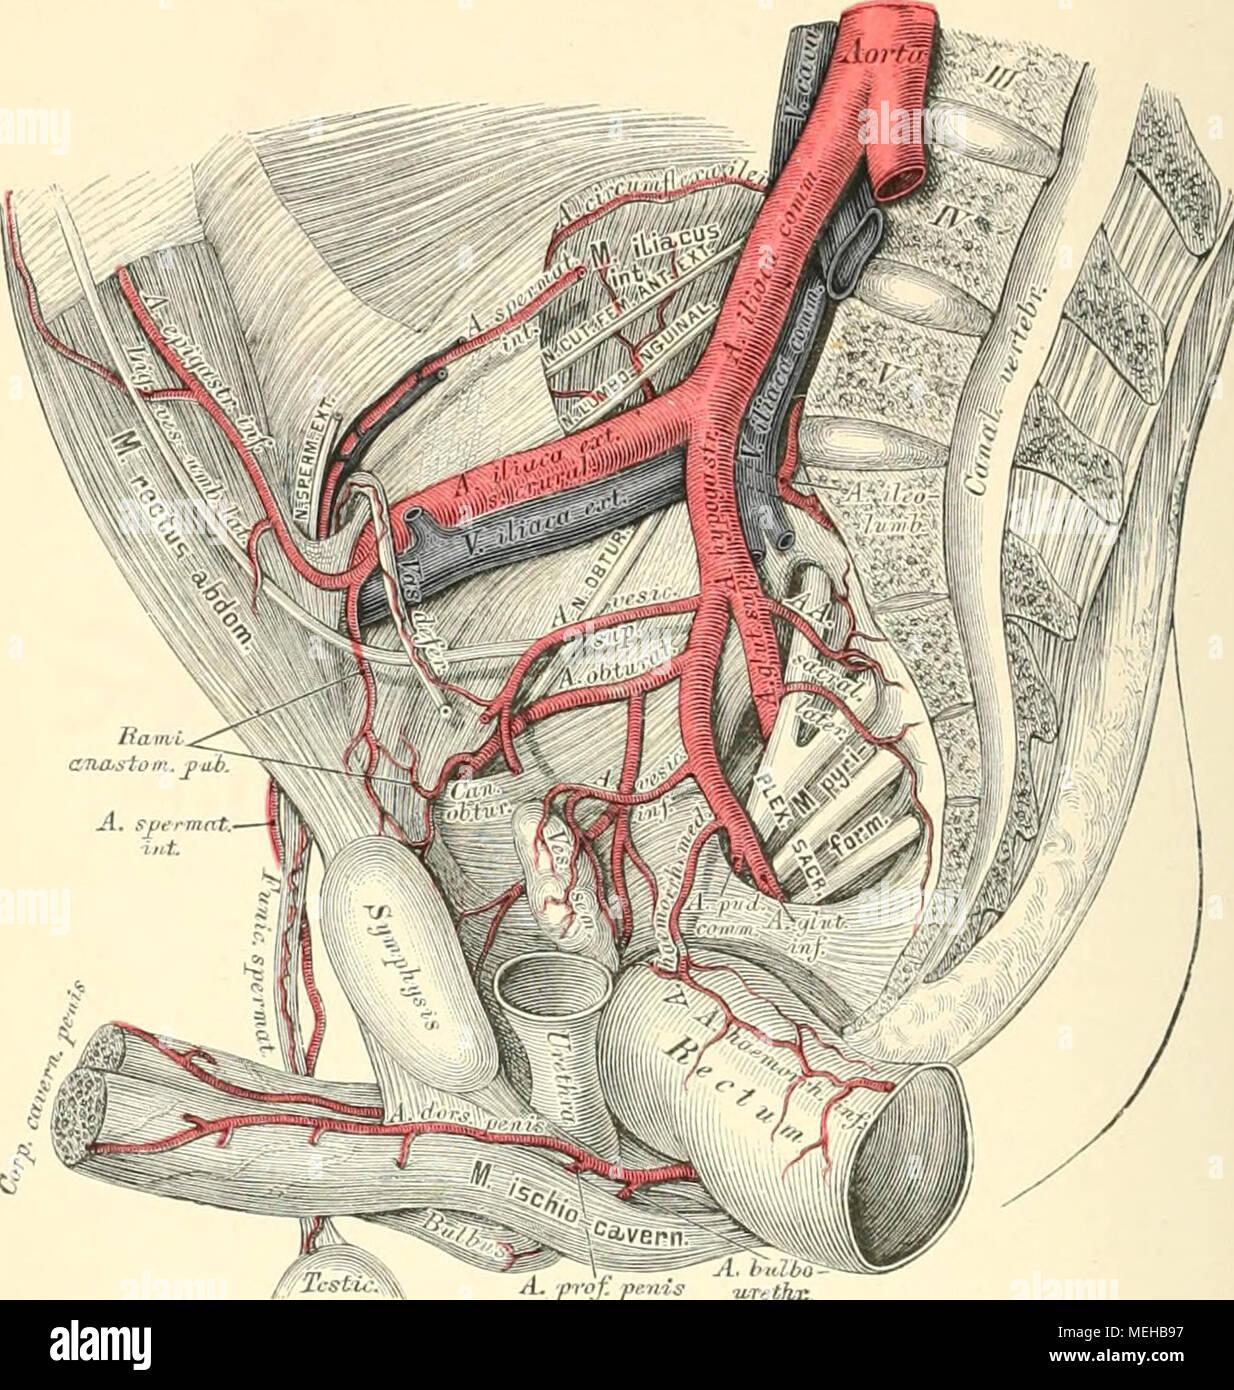 Berühmt Aorta Anatomie äste Fotos - Menschliche Anatomie Bilder ...